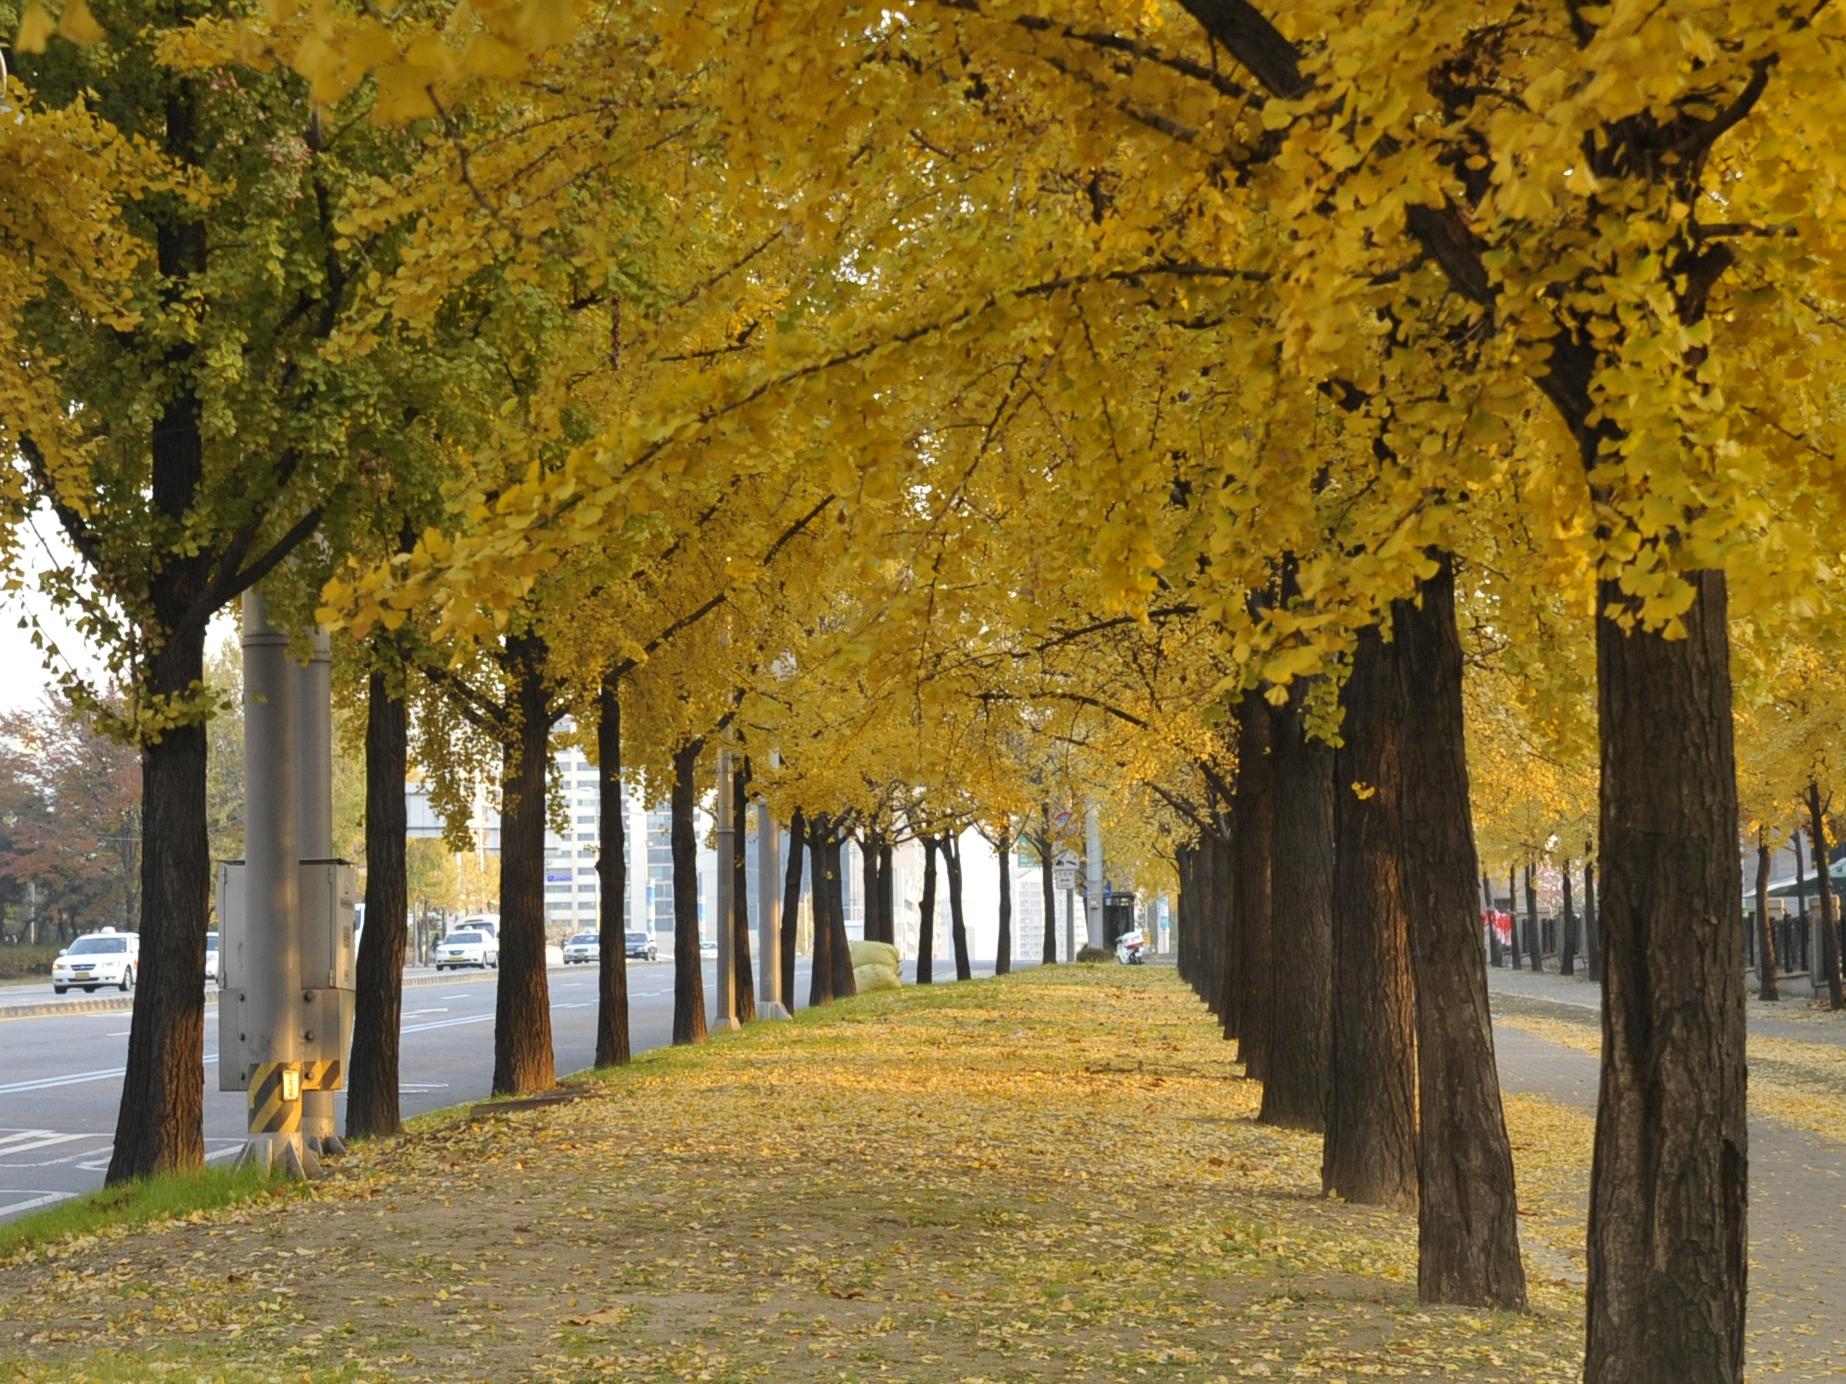 노란 은행나무가 찬란한 위례성길